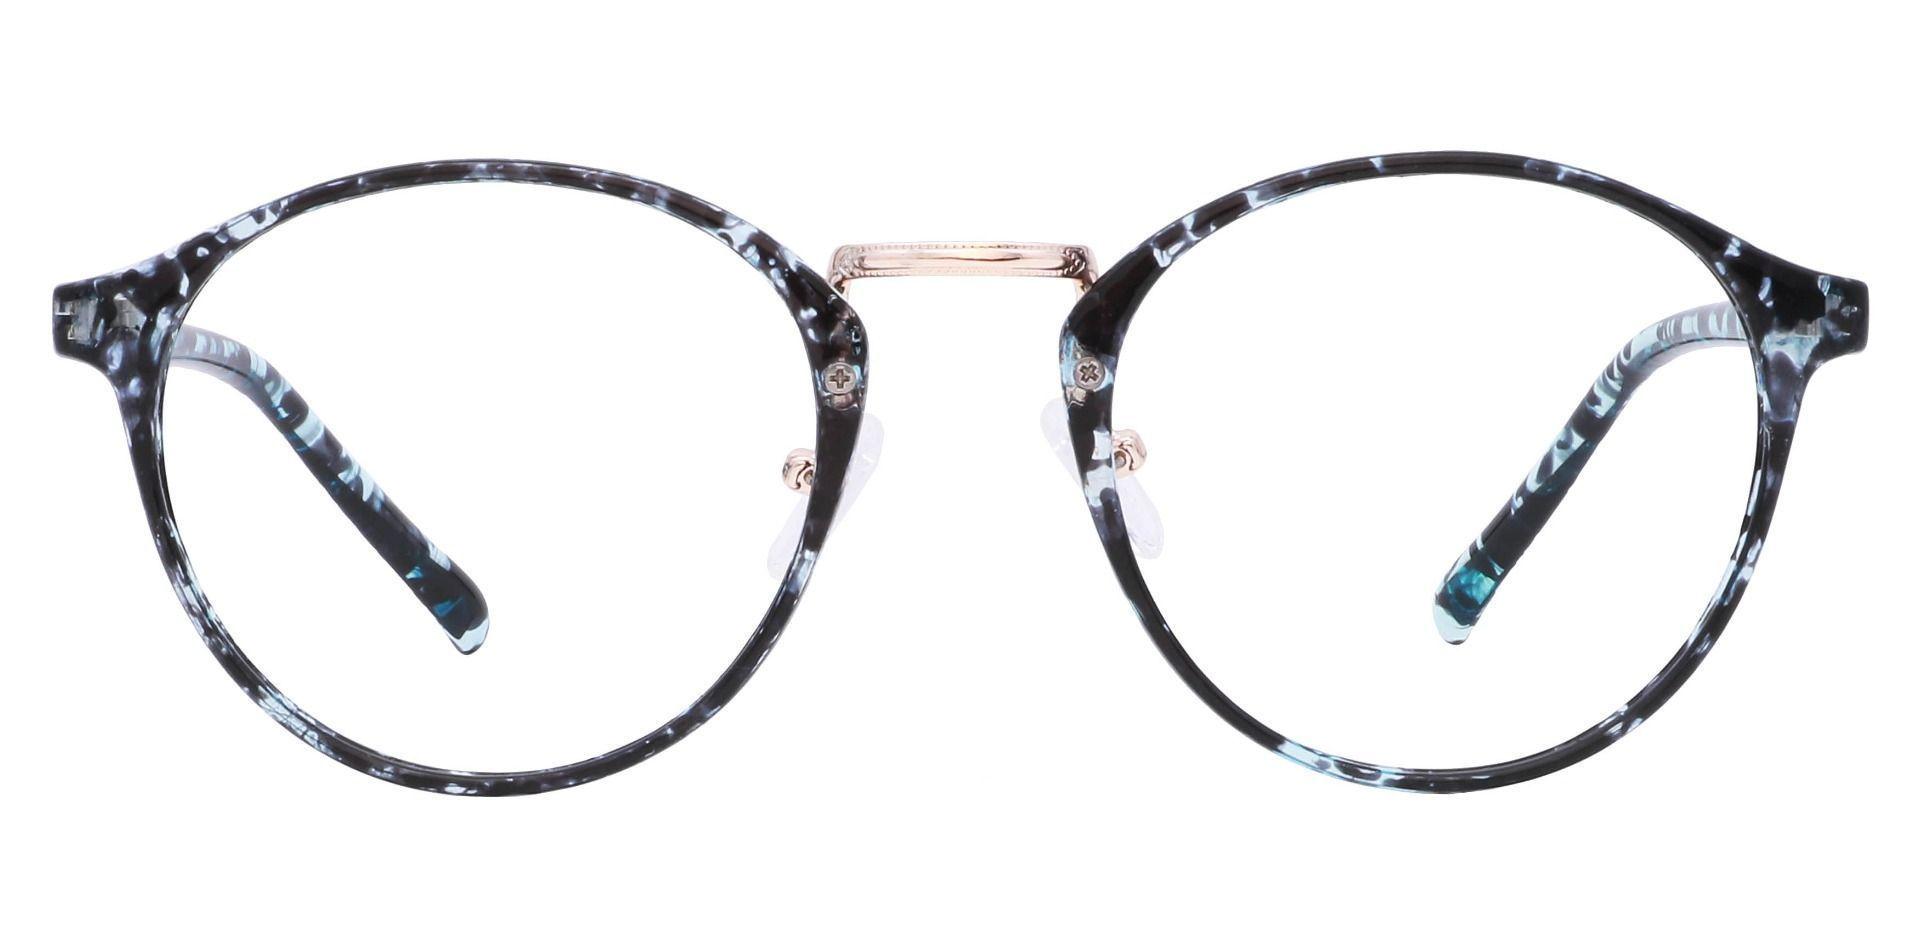 Bloom Oval Prescription Glasses - Floral